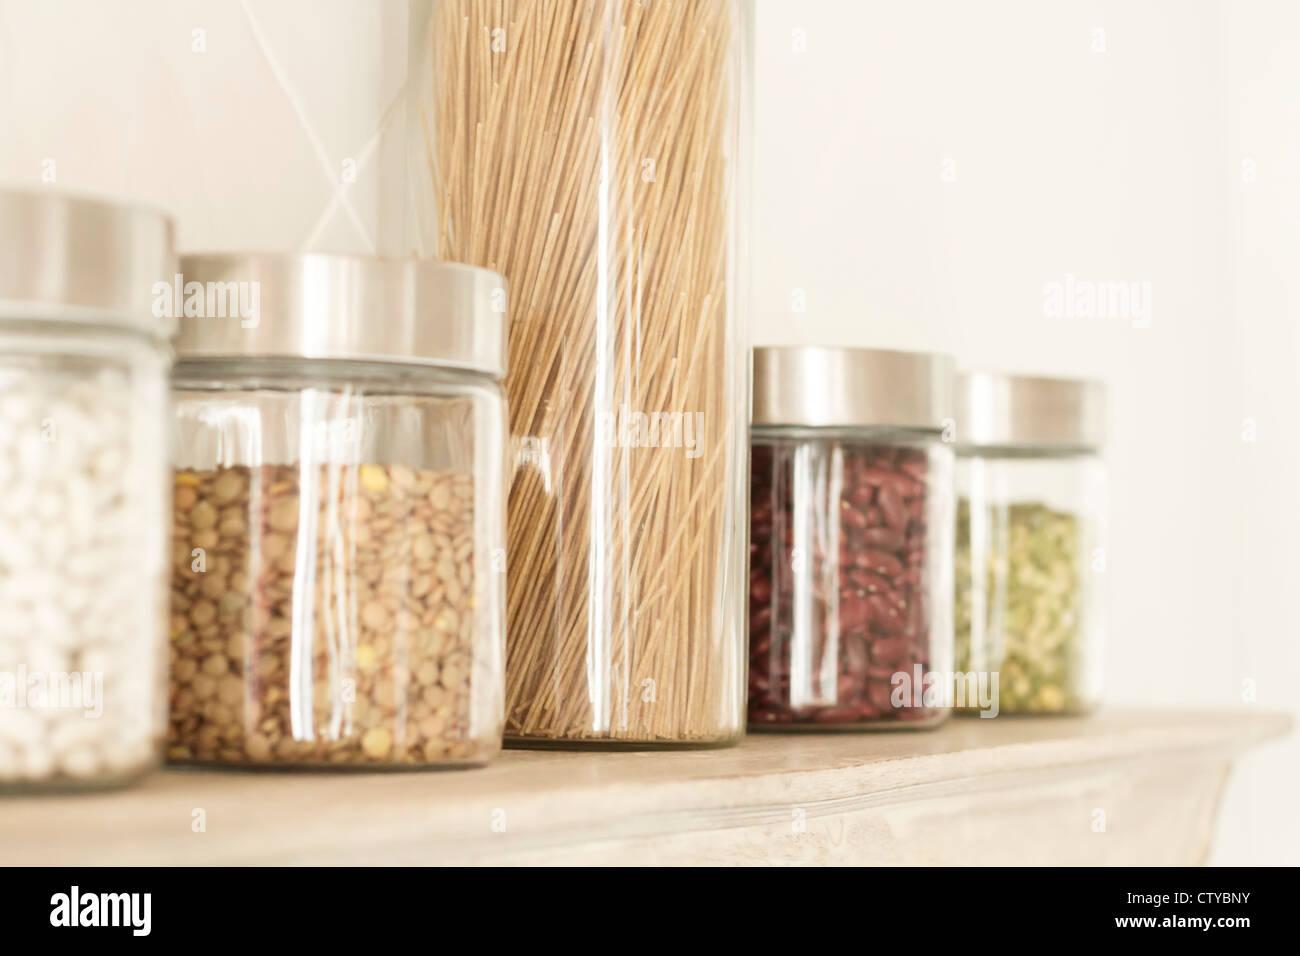 Pasta, lentejas y frijoles en frascos en la estantería. Imagen De Stock